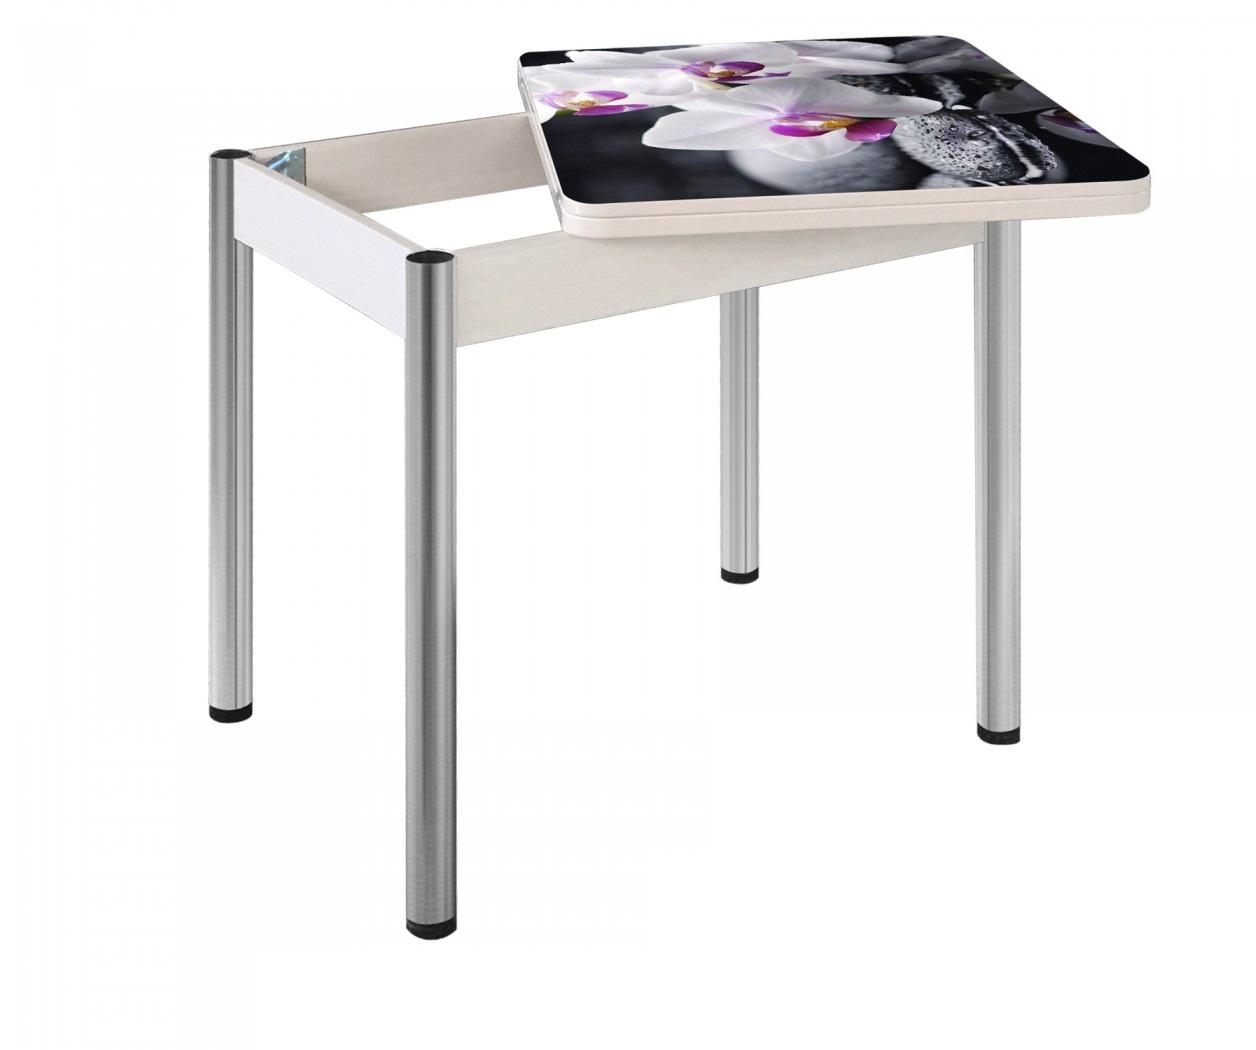 Стол стеклянный обеденный для маленькой кухни 80х60 см. раздвижной (арт. М4233)